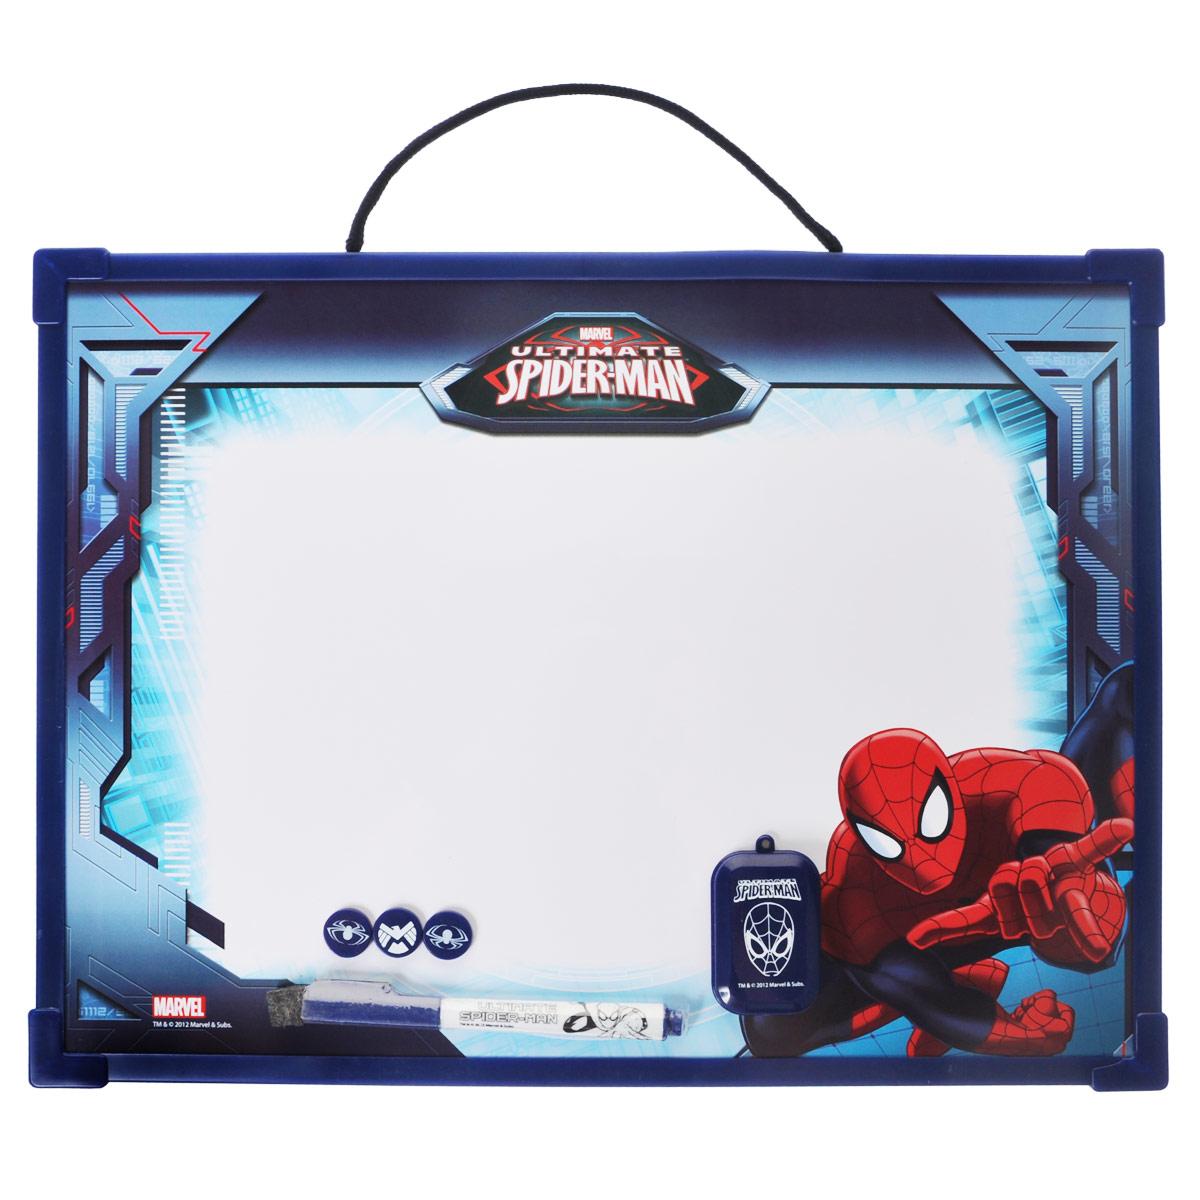 Доска магнитно-маркерная Spider-man, цвет: темно-синий, с аксессуарамиSMAB-US1-Z150098Магнитно-маркерная доска Spider-man - прекрасный способ для развития творческих и мыслительных способностей ребенка. Края доски обрамлены пластиком, который защищает ее от повреждений. В комплекте с доской предусмотрены специальный маркер с колпачком-стеркой, три круглых магнита и специальная губка для стирания записей и рисунков. Доска оформлена изображением Человека-Паука и имеет удобную веревочную петлю для подвешивания. Чернила маркера безопасные и нетоксичные. Магнитно-маркерная доска Spider-man отлично подойдет для игр и учебы.